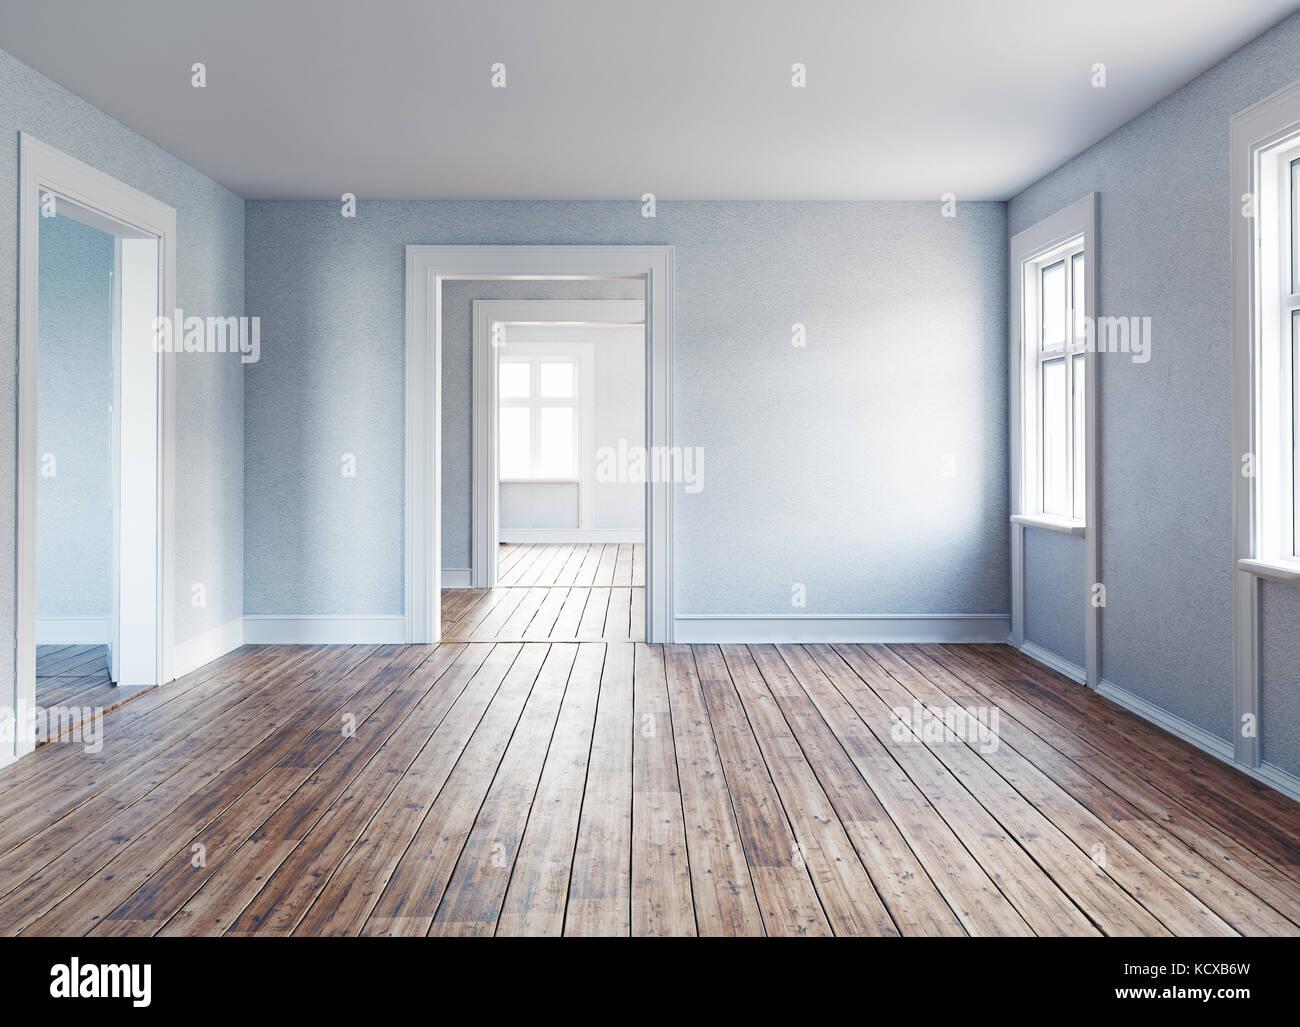 Les chambres modernes de l'intérieur vide. Le rendu 3D Photo Stock